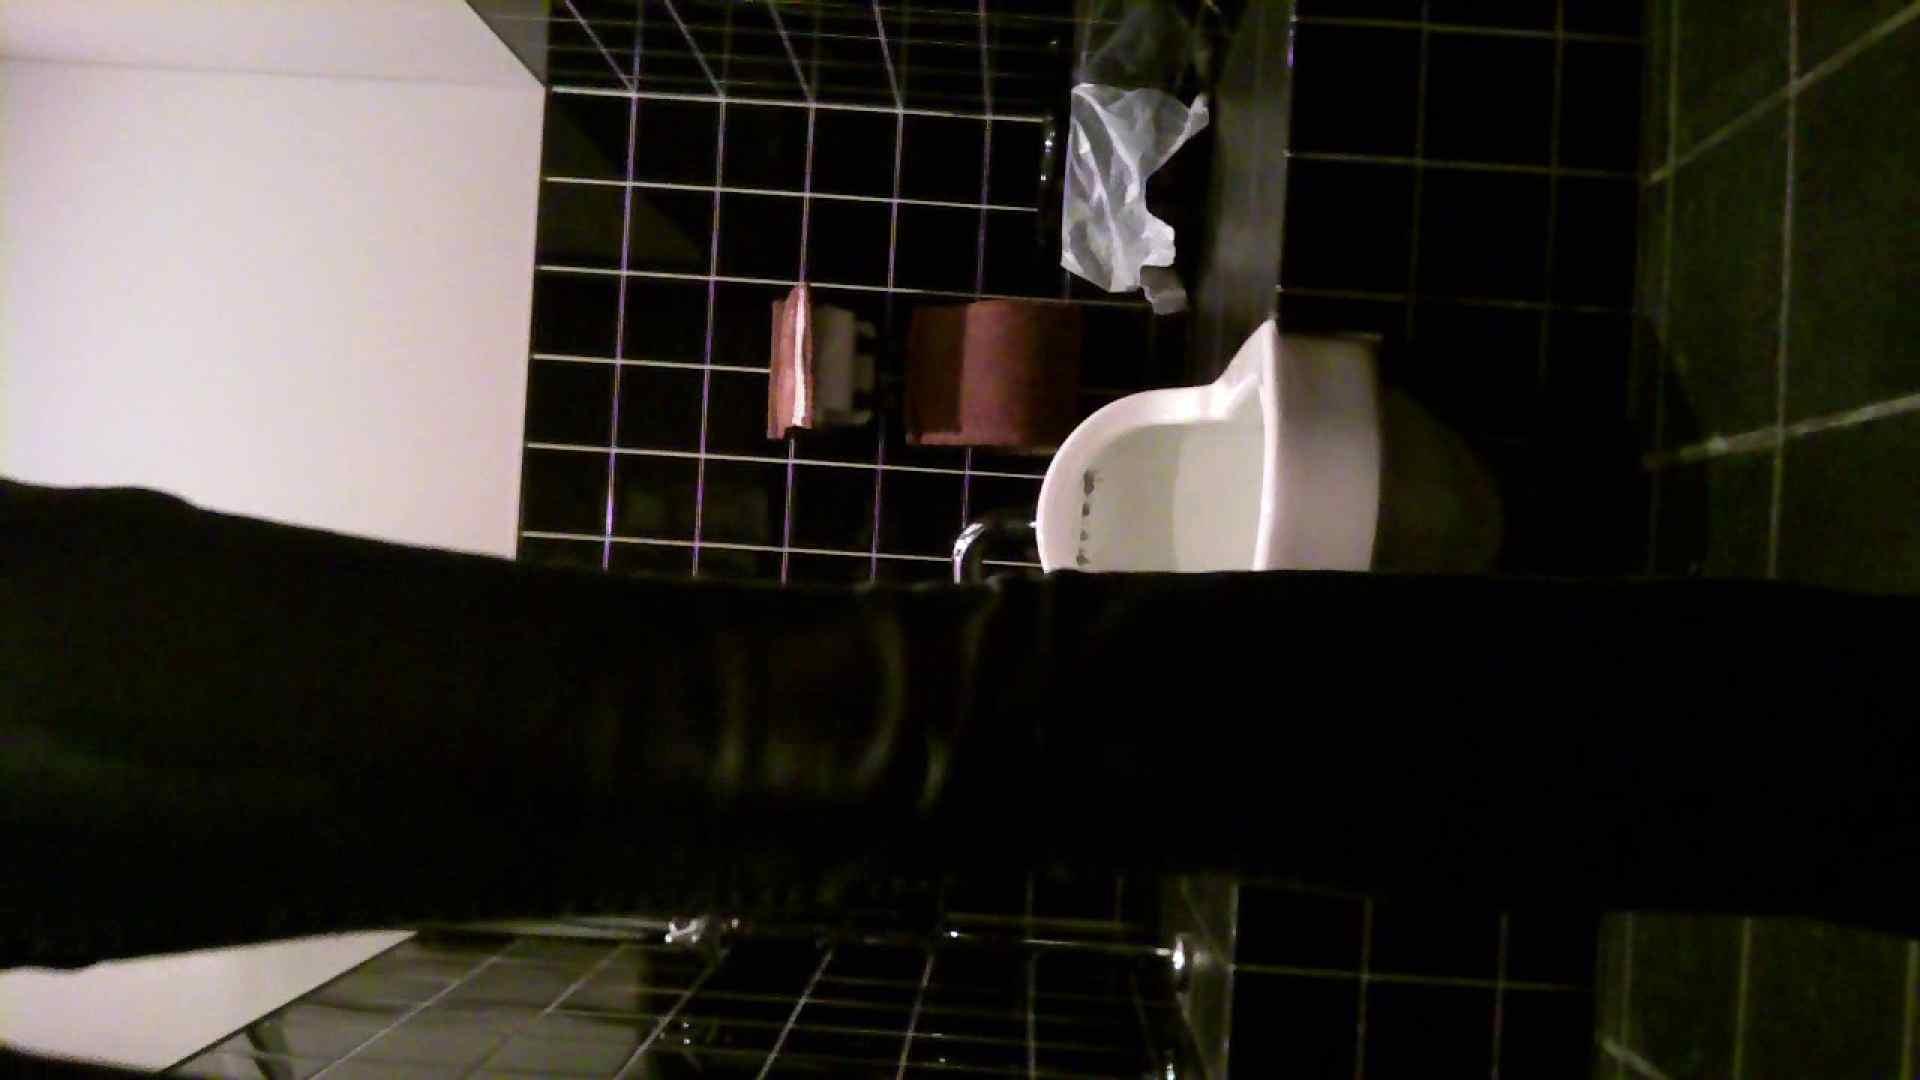 美女の集まる飲み屋洗面所 vol.01 洗面所 | OLの実態  73pic 41